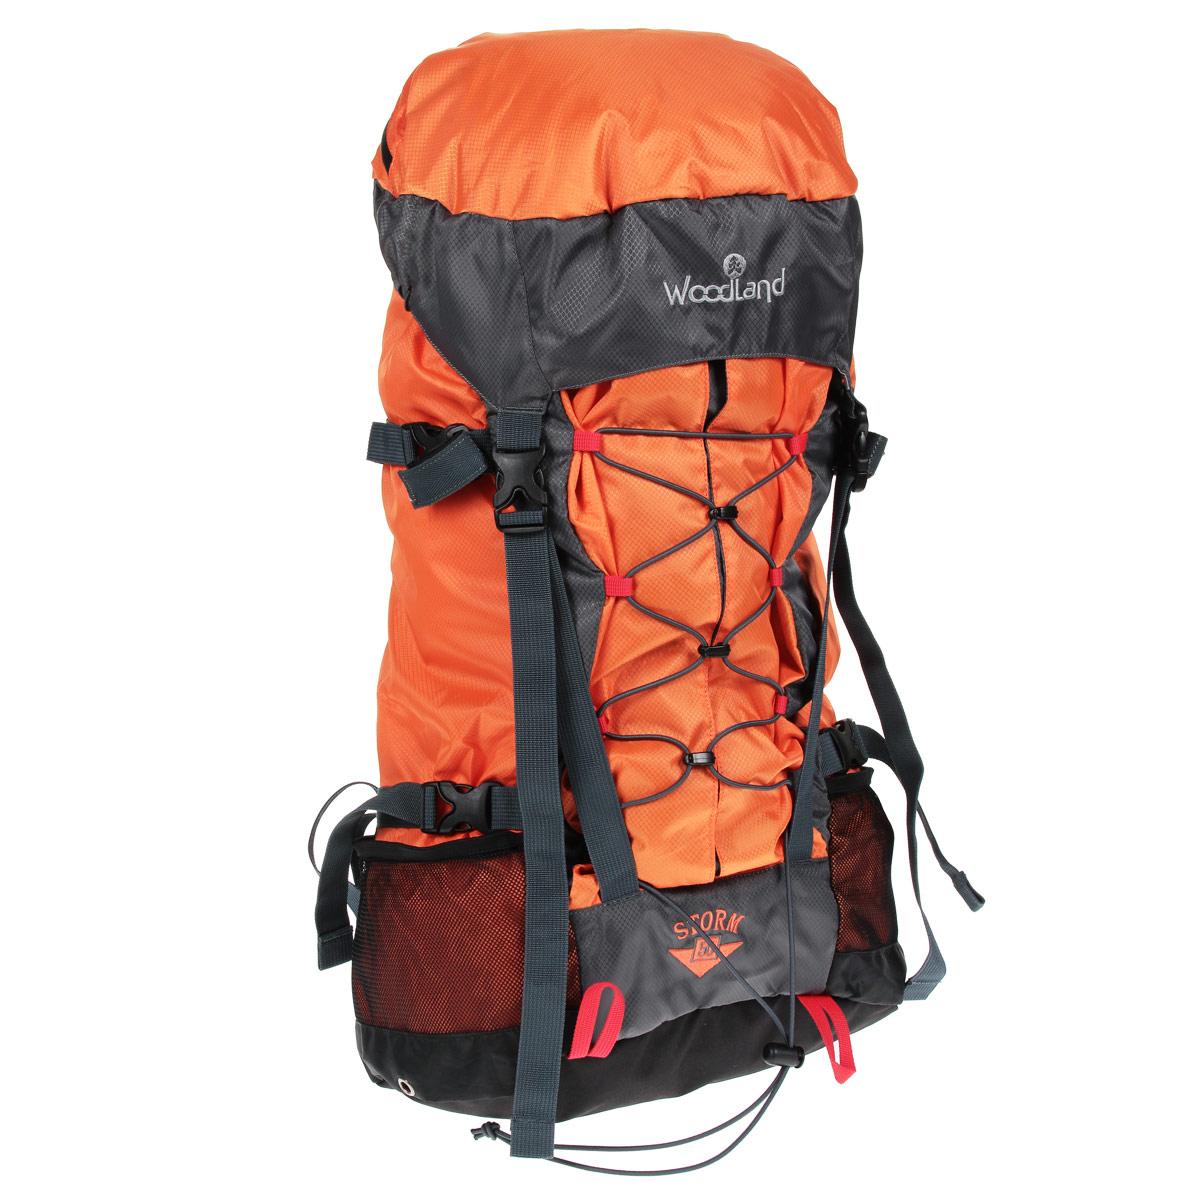 Рюкзак WoodLand Storm 50, цвет: оранжевый, темно-серыйУТ-000057591Рюкзак WoodLand Storm 50 - это комфорт и удобство для восхождения или прогулок. Малый вес и большой объем. Удобный внешний карман с легким доступом вмещает все необходимое оборудование.Особенности рюкзака:Клапан несъемный, с карманом на на влагозащищенной молнии.Один вход в основное отделение, верхний.Фронтальный вместительный карман с вертикальной загрузкой.Точки подвески питьевой системы на VELCRO (липучка).Широкие крылья поясного ремня.S-образные лямки.Грудная стяжка с резиновым компенсатором.Пластиковая фурнитура YKK.